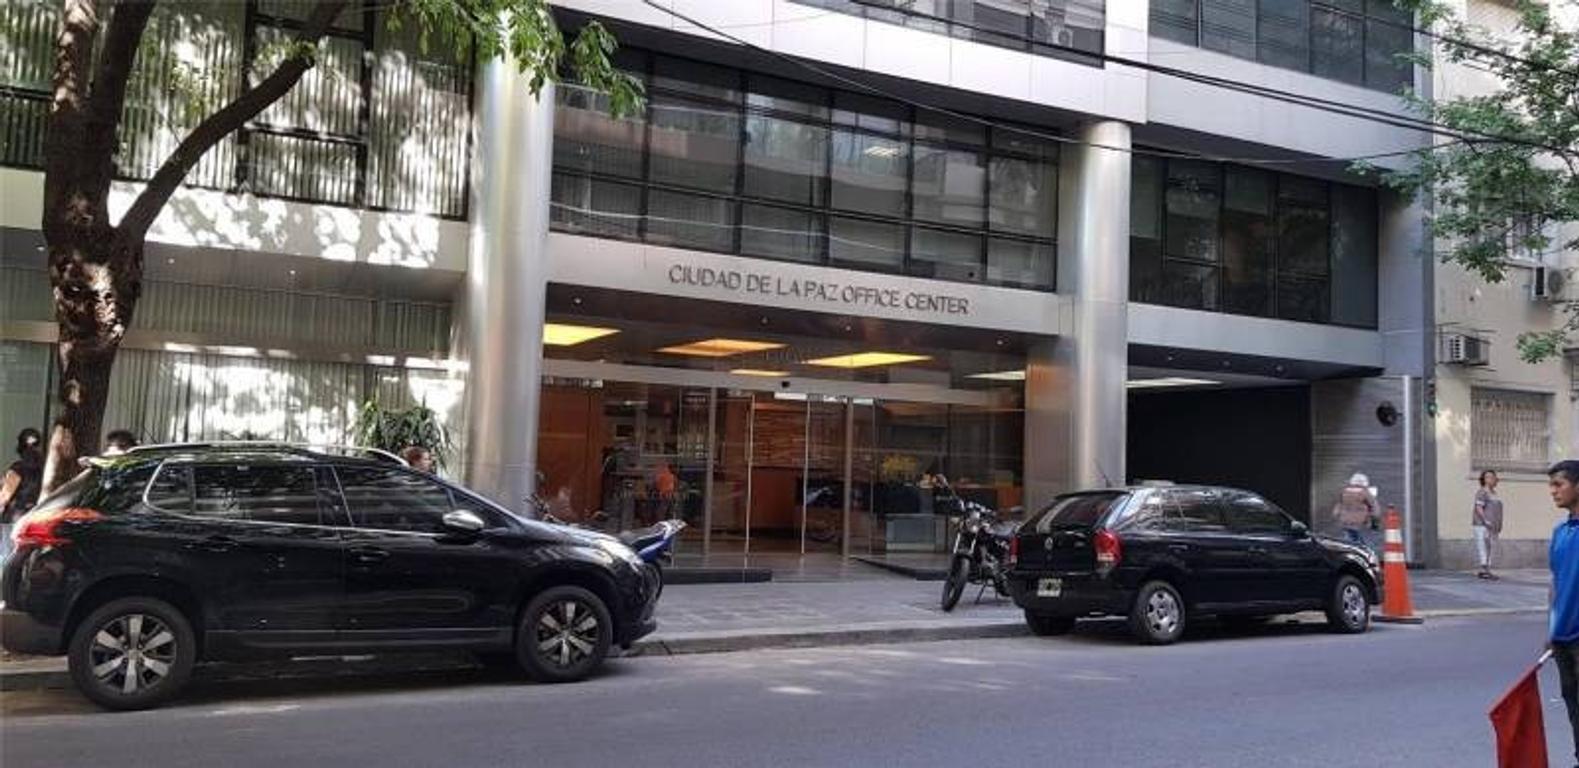 OFICINA EN VENTA CIUDAD DE LA PAZ -  BELGRANO - EDIFICIO OFFICE CENTER